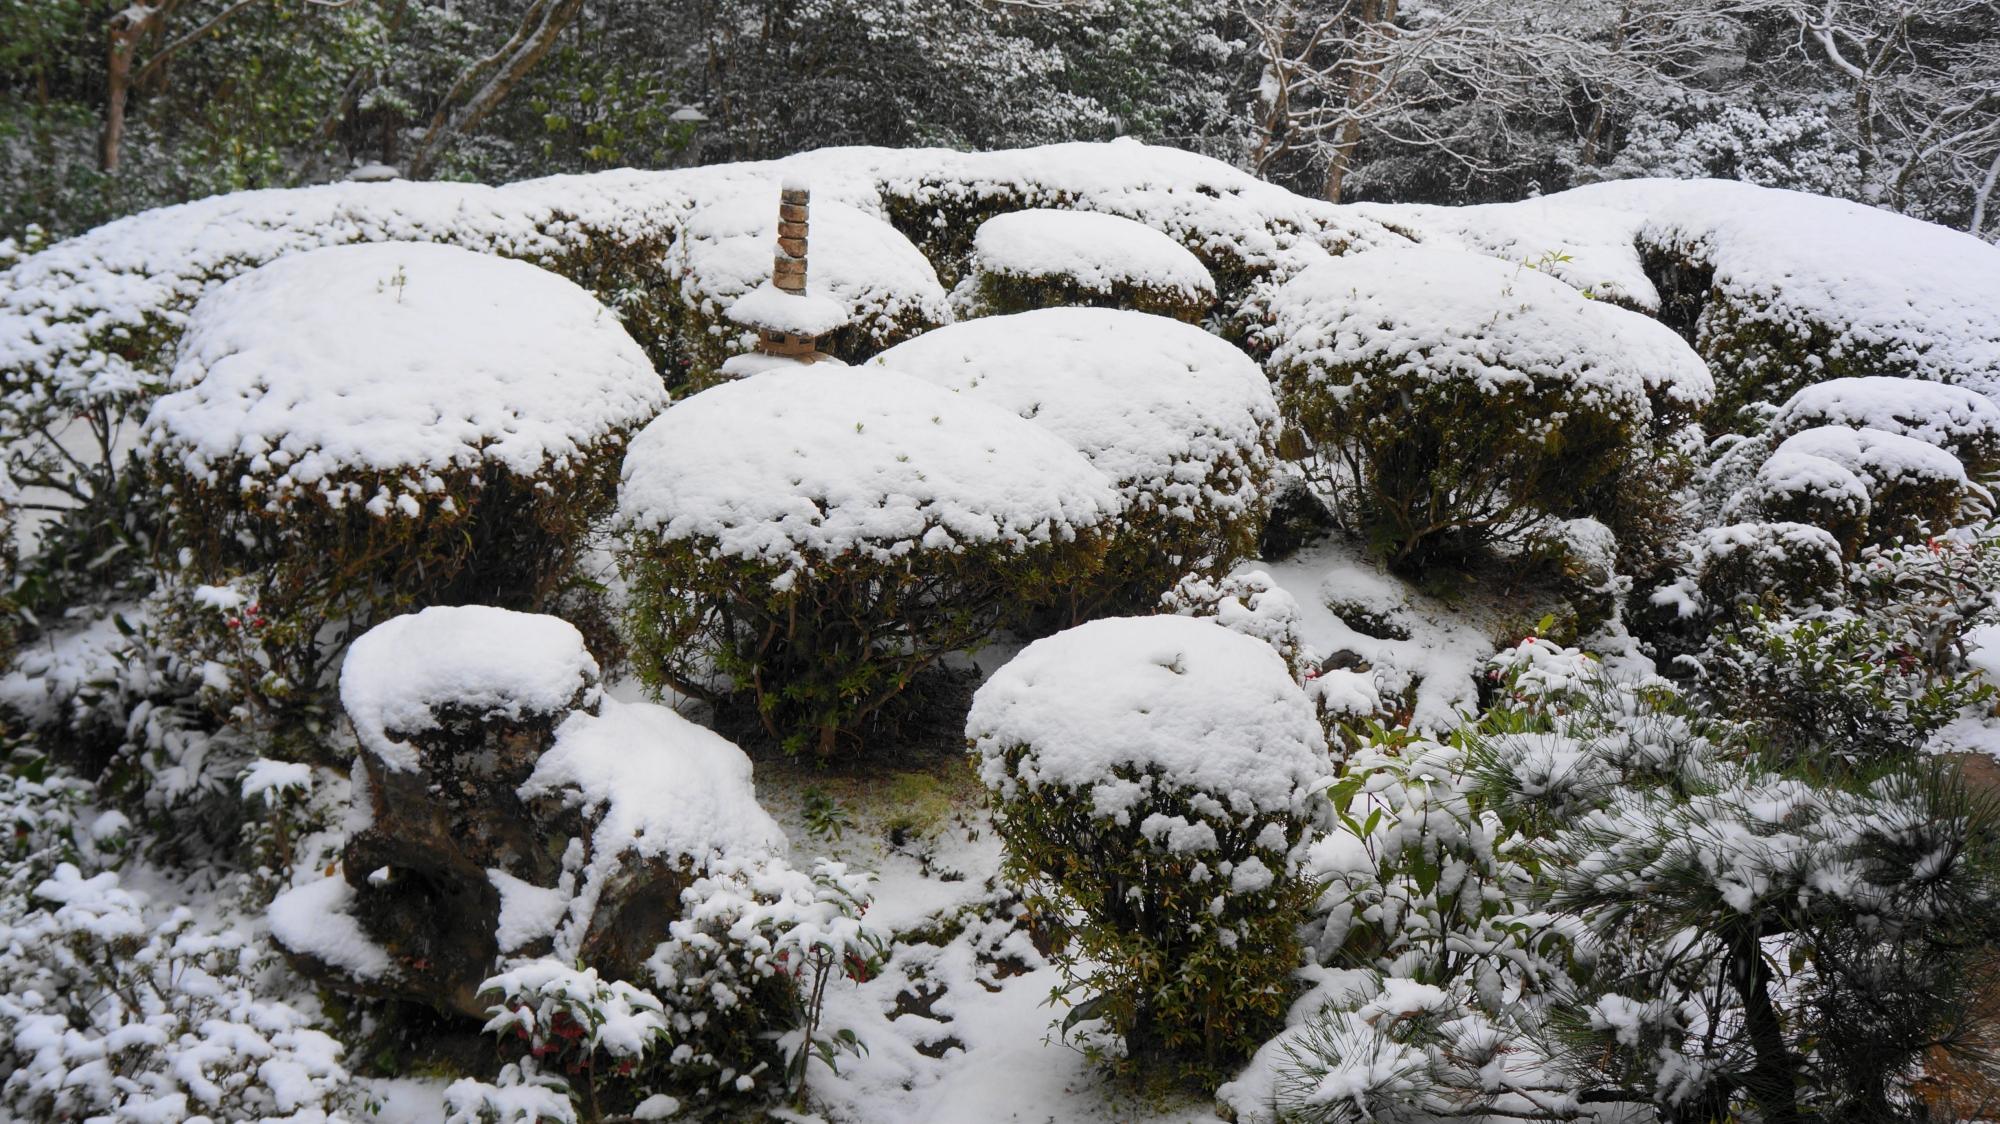 詩仙堂の庭園の雪景色